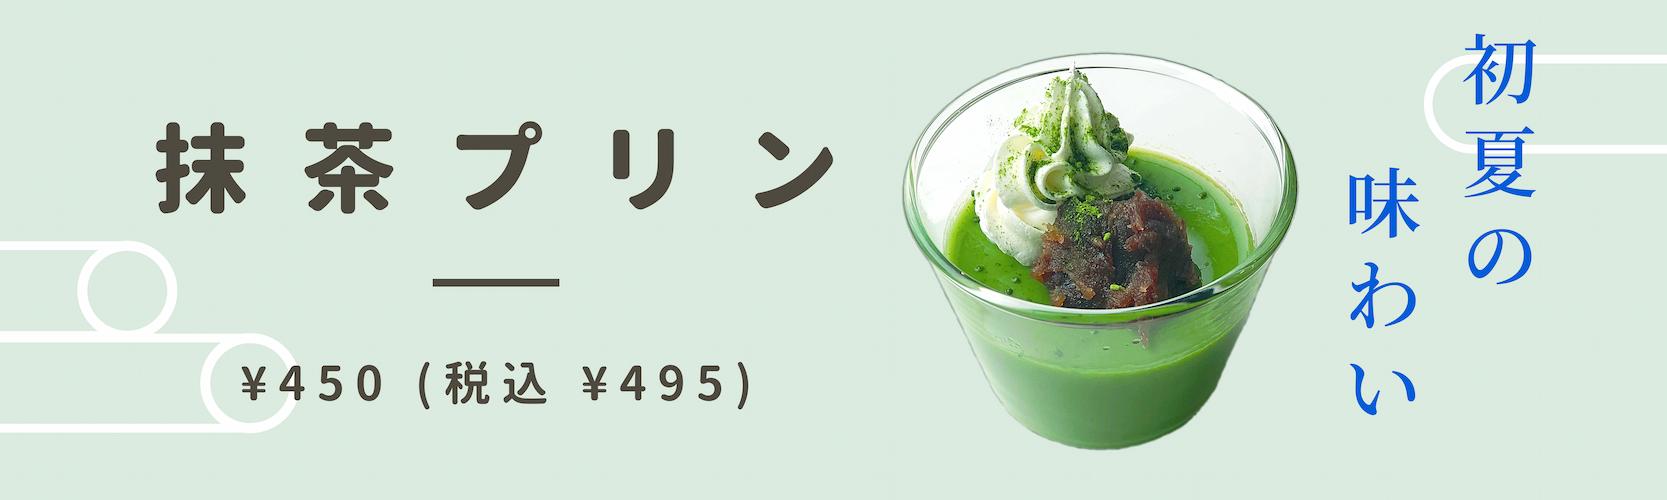 バナー-抹茶プリン